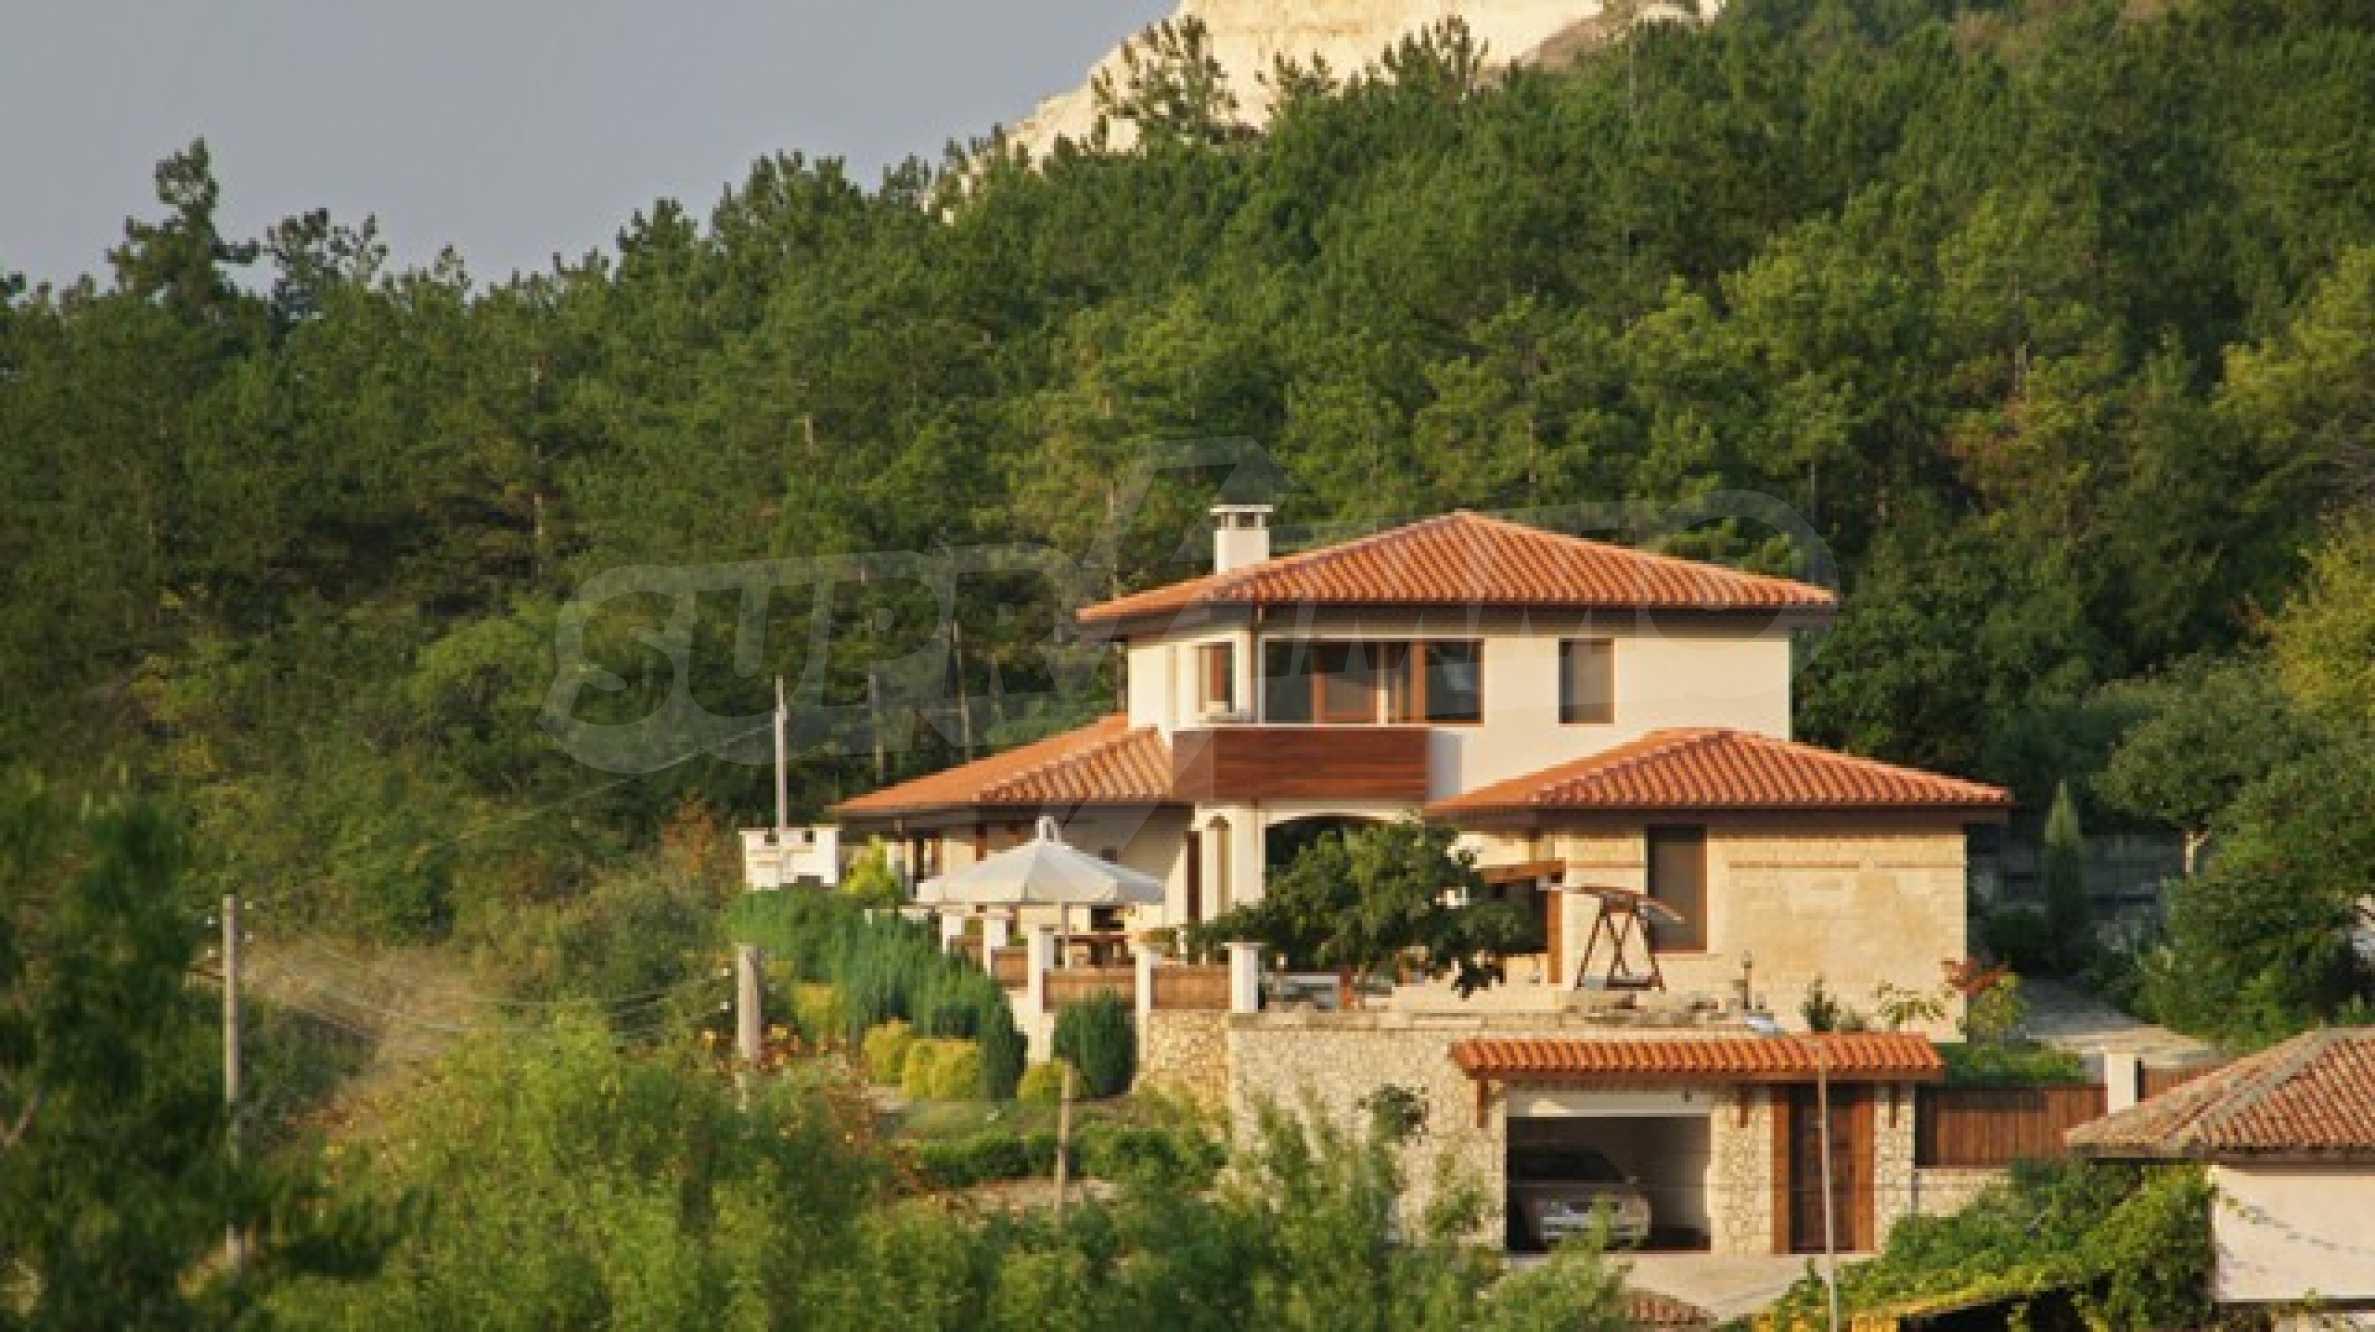 Mediterraner Stil - Luxus zum Sonderpreis 5